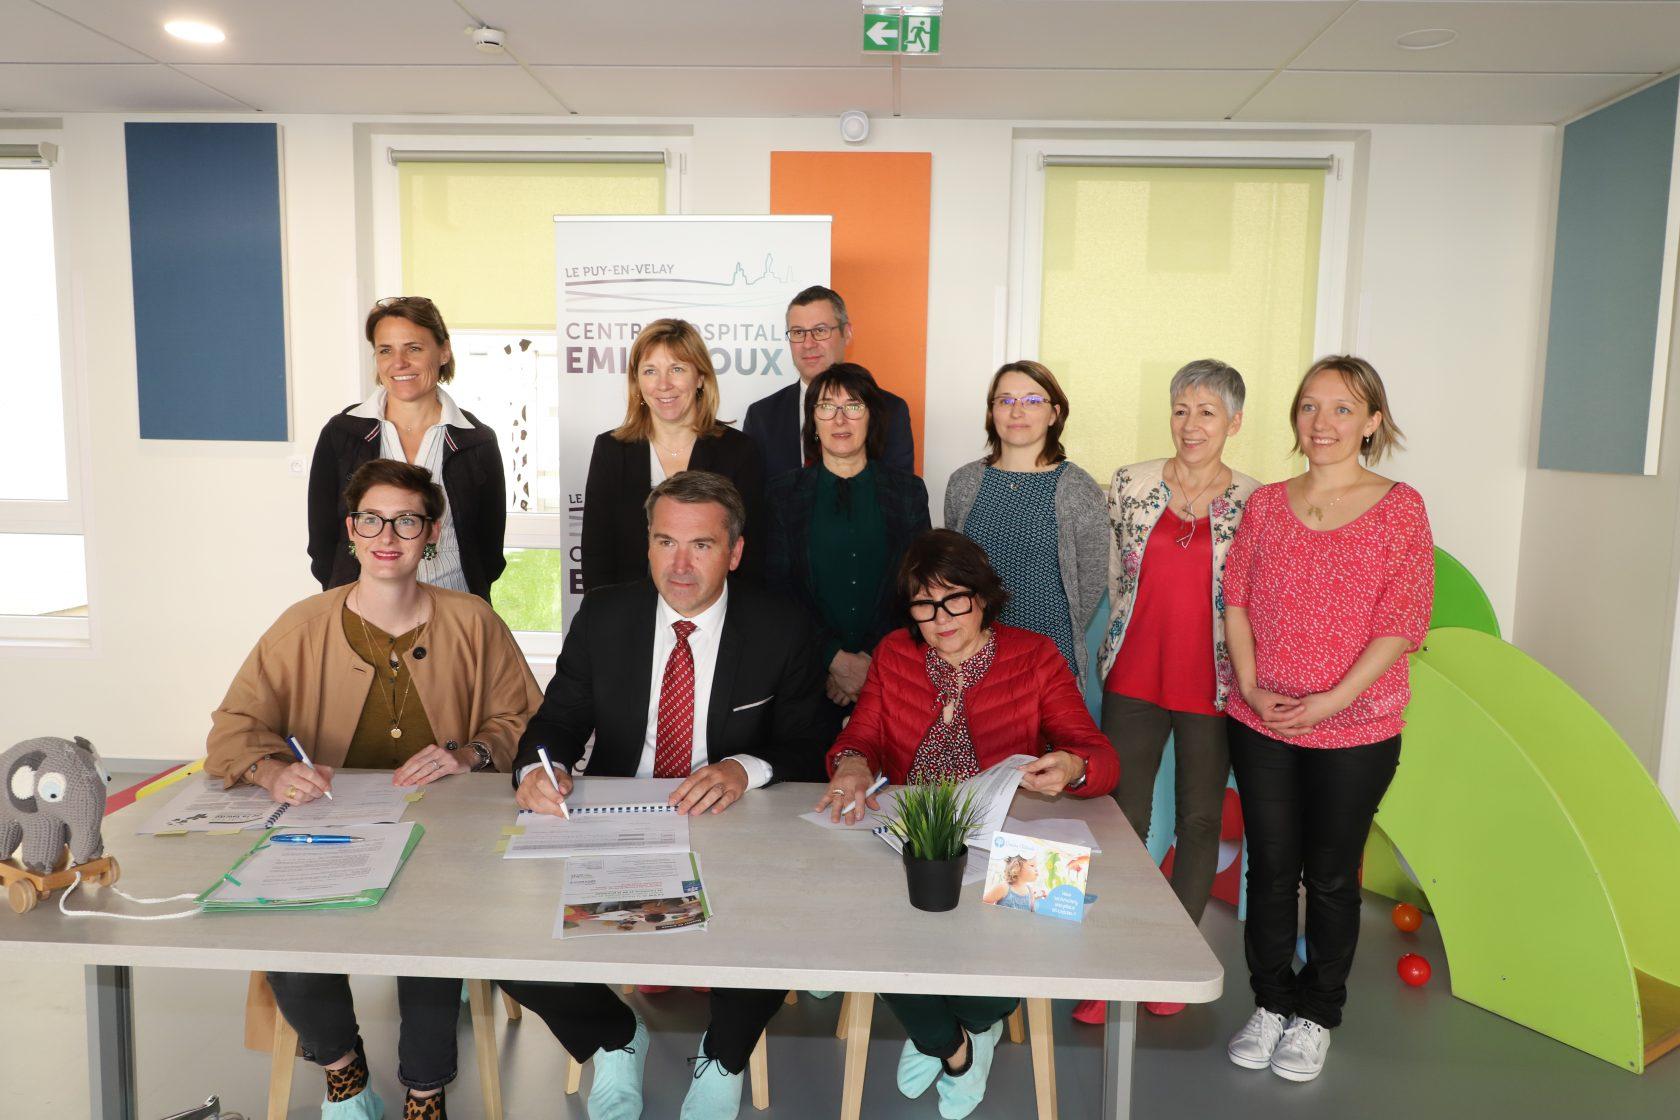 Signature du Contrat Enfance Jeunesse avec la crèche hospitalière du centre hospitalier Emile Roux